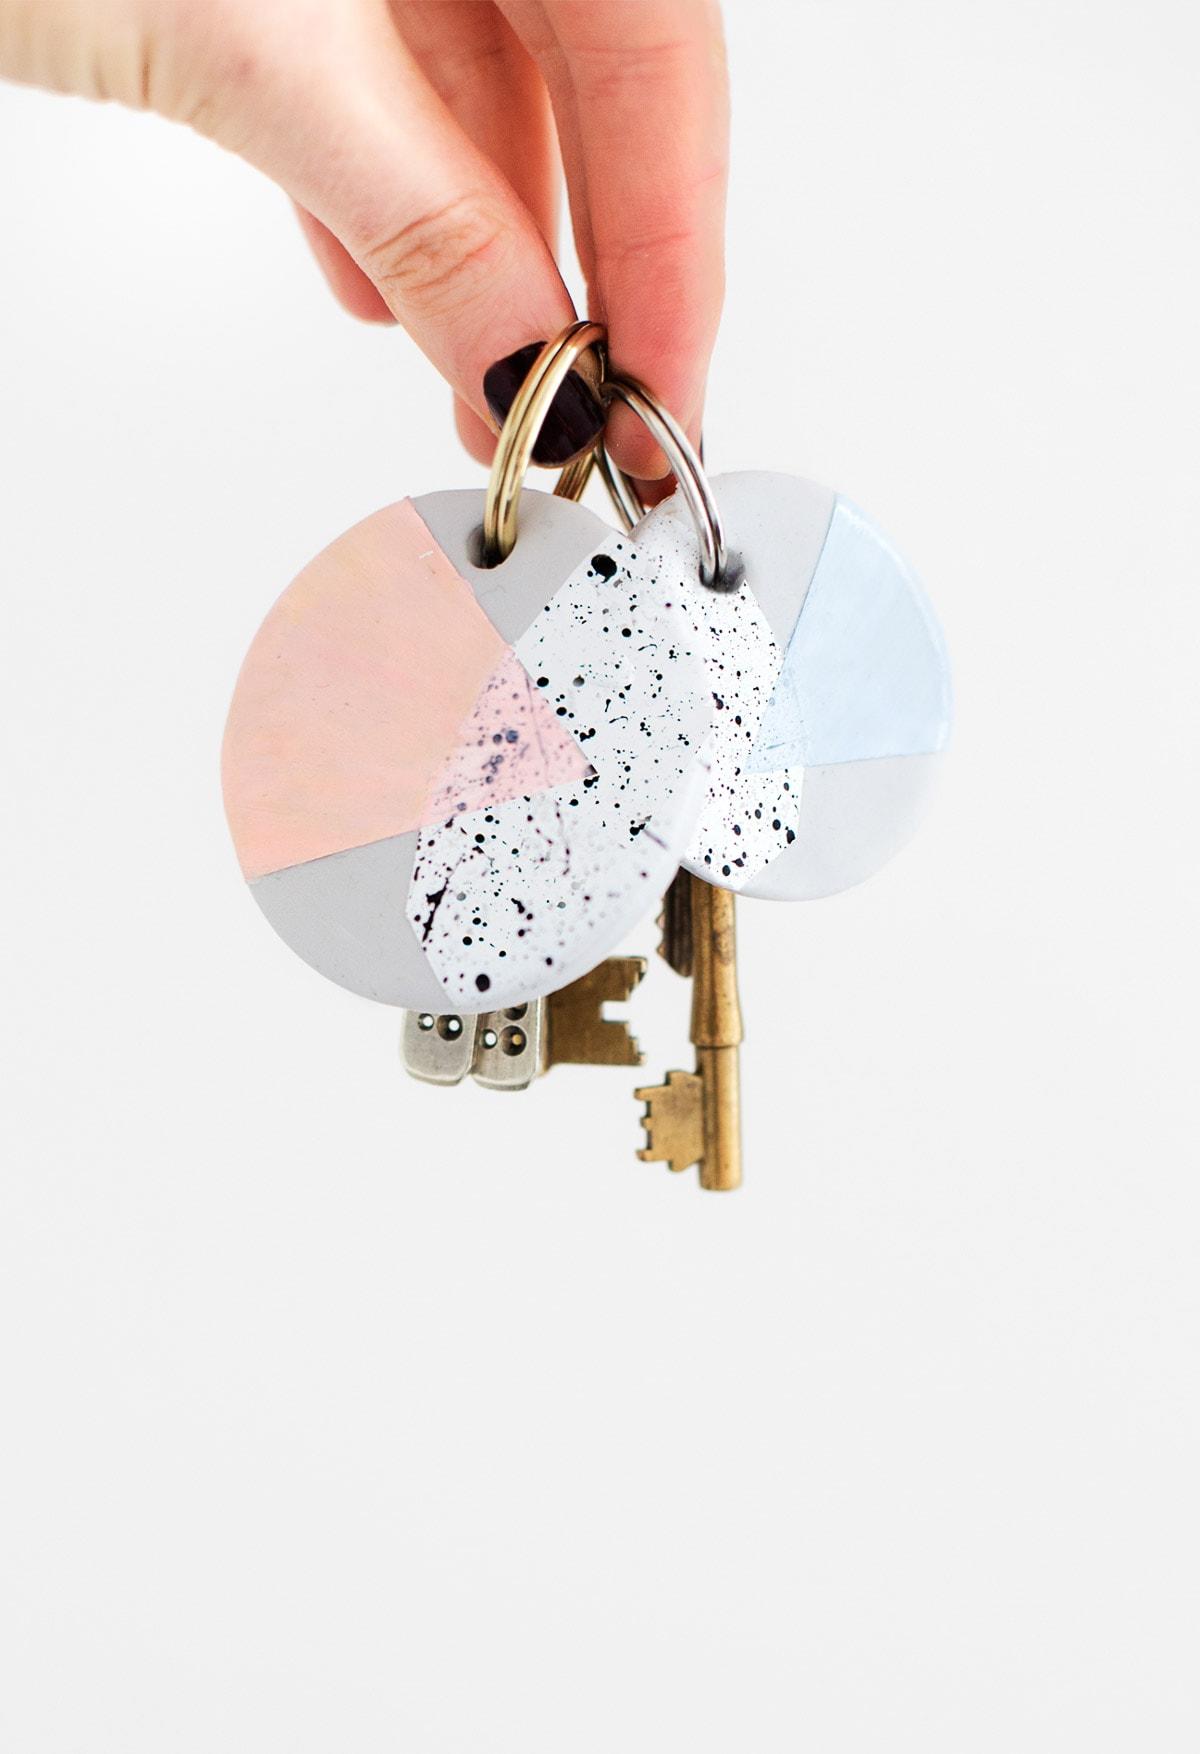 DIY Speckled Clay Keychain via Sugar and Cloth